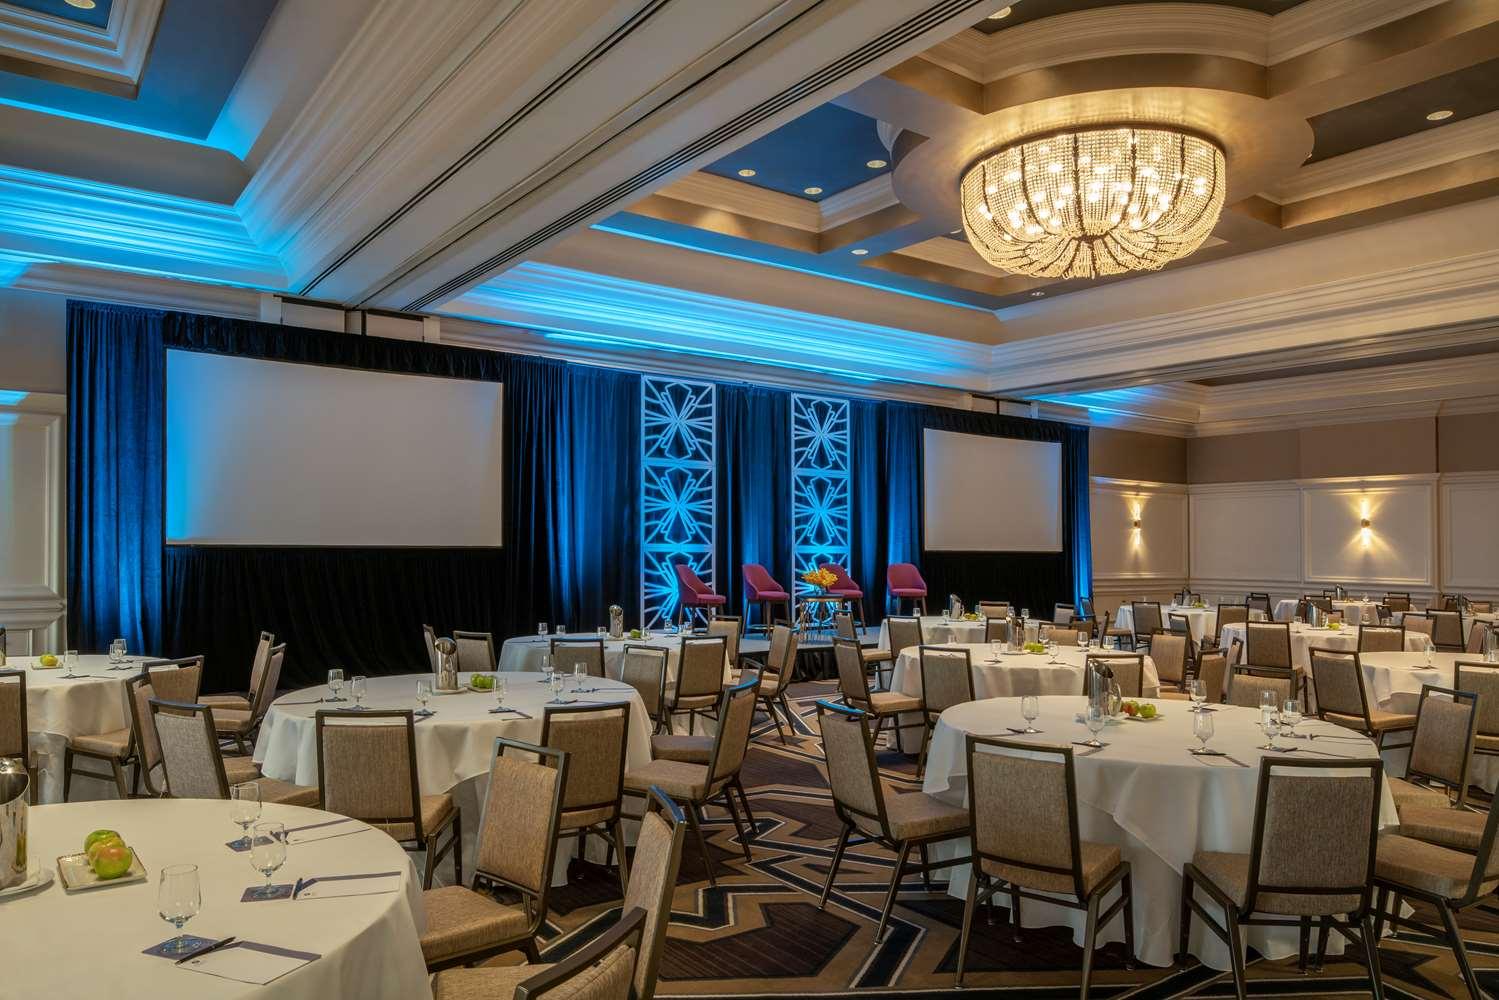 Ballroom - Hyatt Regency Hotel Coral Gables